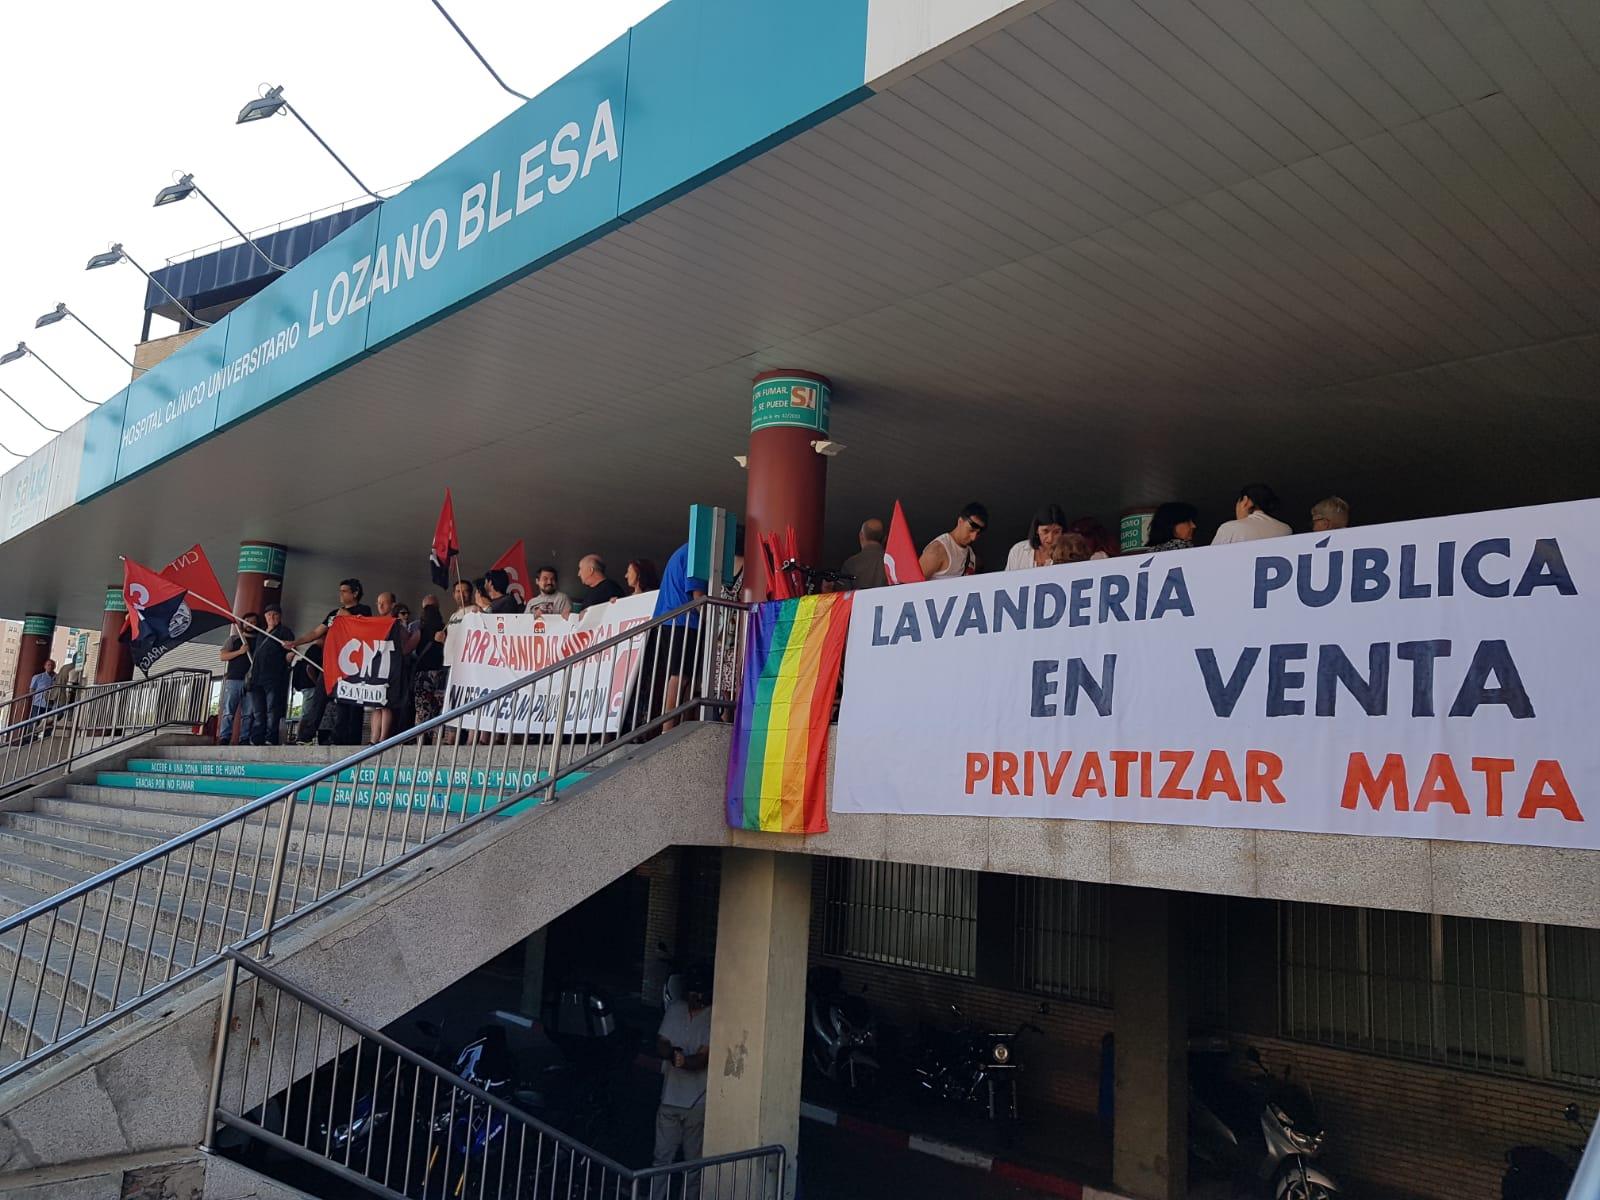 Sanidad. Concentración miércoles 5 de Septiembre. No a la privatización de la lavandería del clínico (Hospital Lozano Blesa)